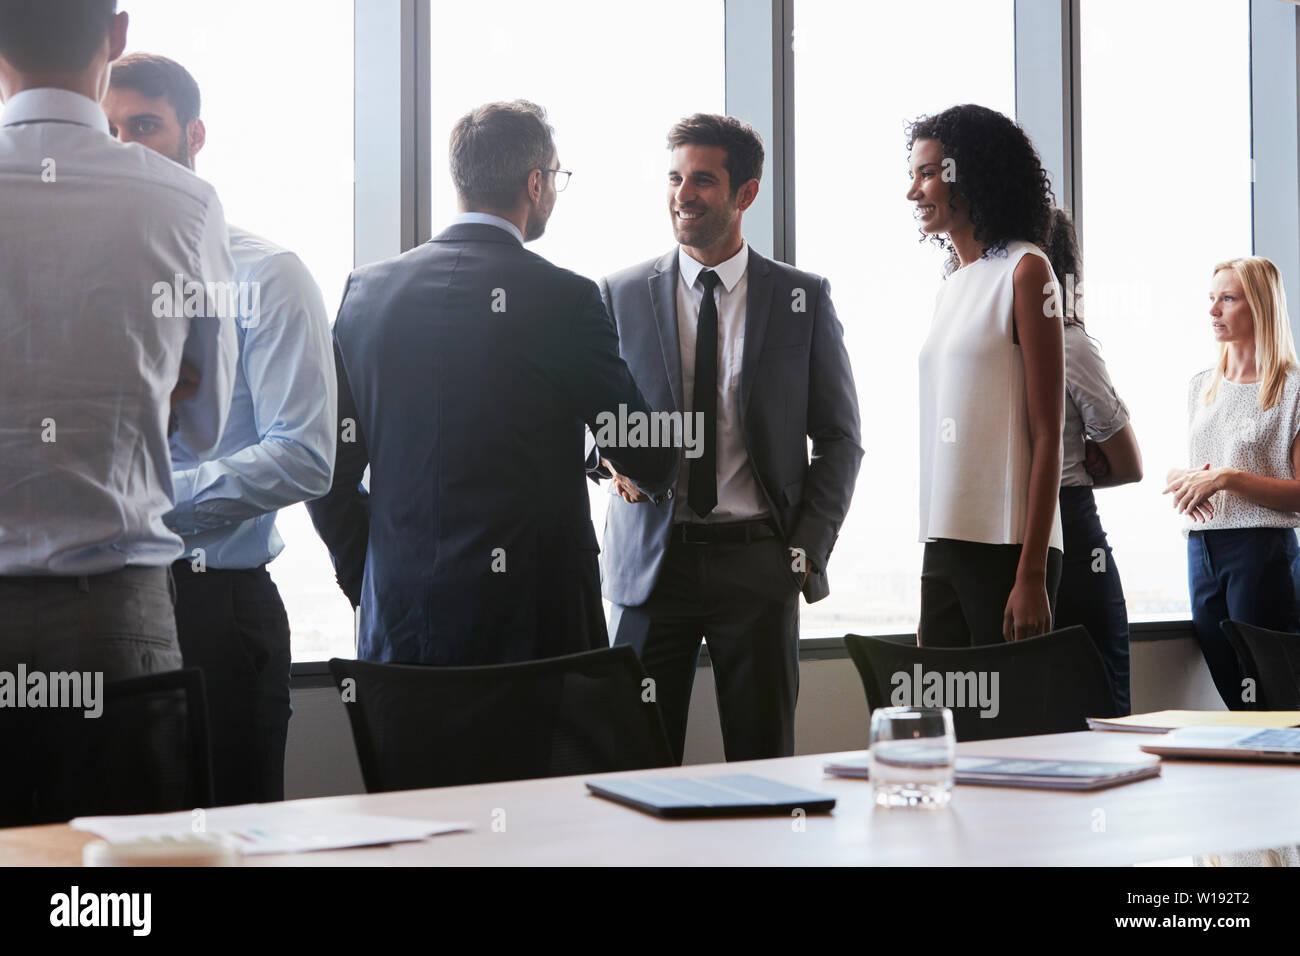 Sitzung, Handshake, Unternehmer, Begrüßung Stockfoto